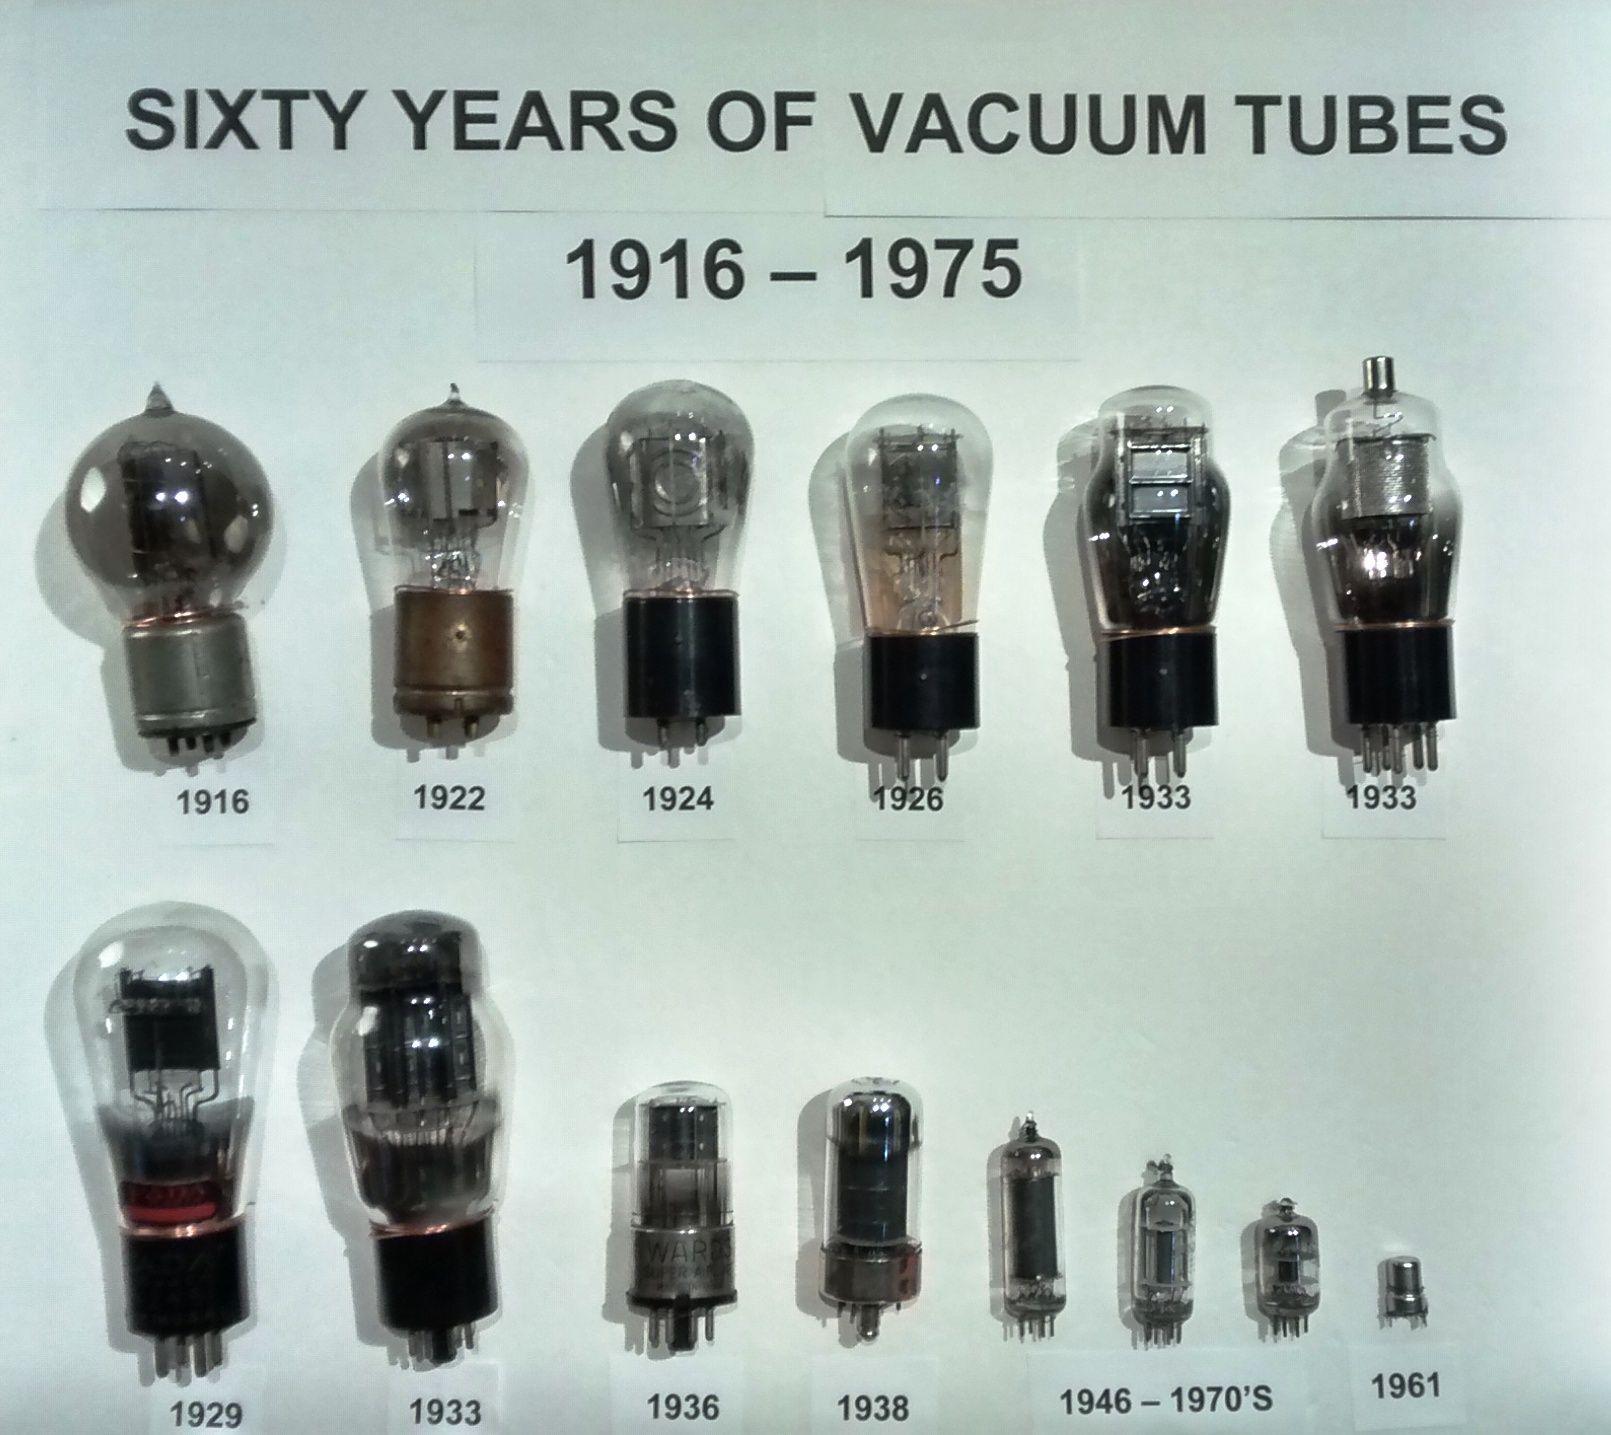 History Of Vacuum Tubes 1916 1975 Part Of An Exhibit At The Chudnow Museum In Milwaukee Vacuum Tube Ham Radio Antenna Antique Radio